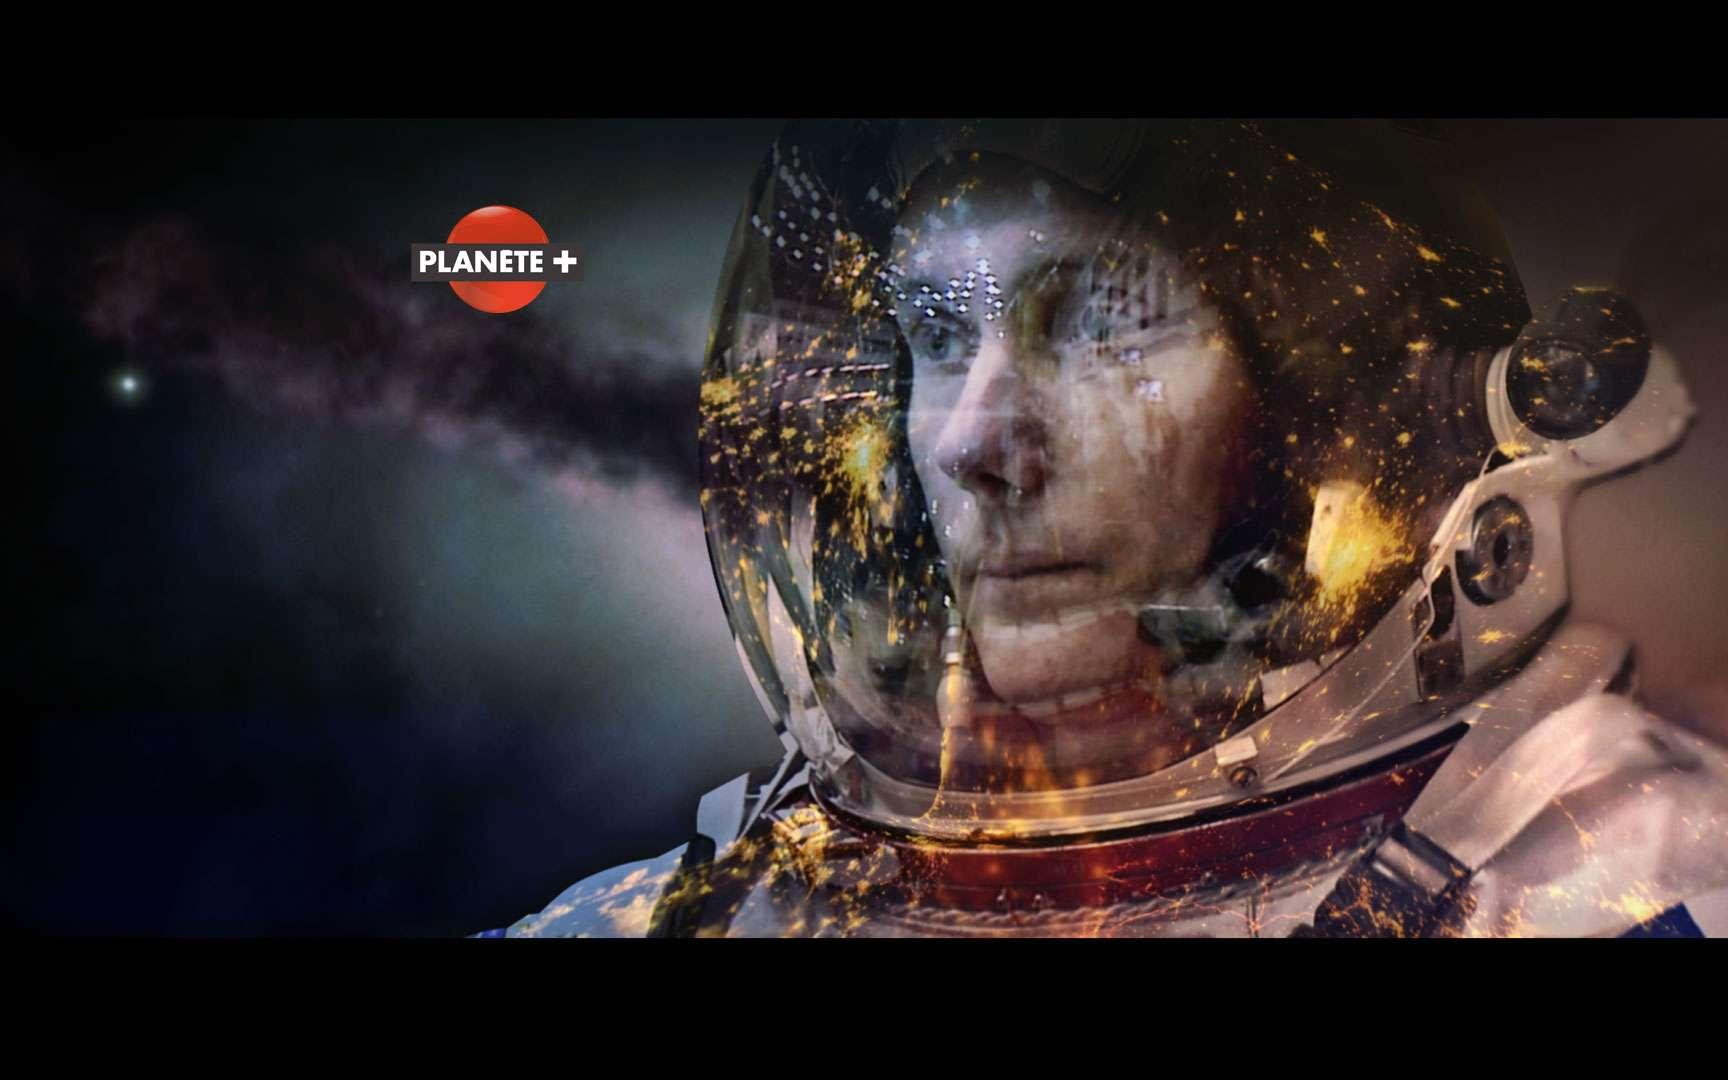 Thomas Pesquet, spationaute de l'Agence spatiale européenne, après sept ans d'entraînement, s'apprête à rejoindre la Station spatiale internationale (ISS). © Upside Télévision